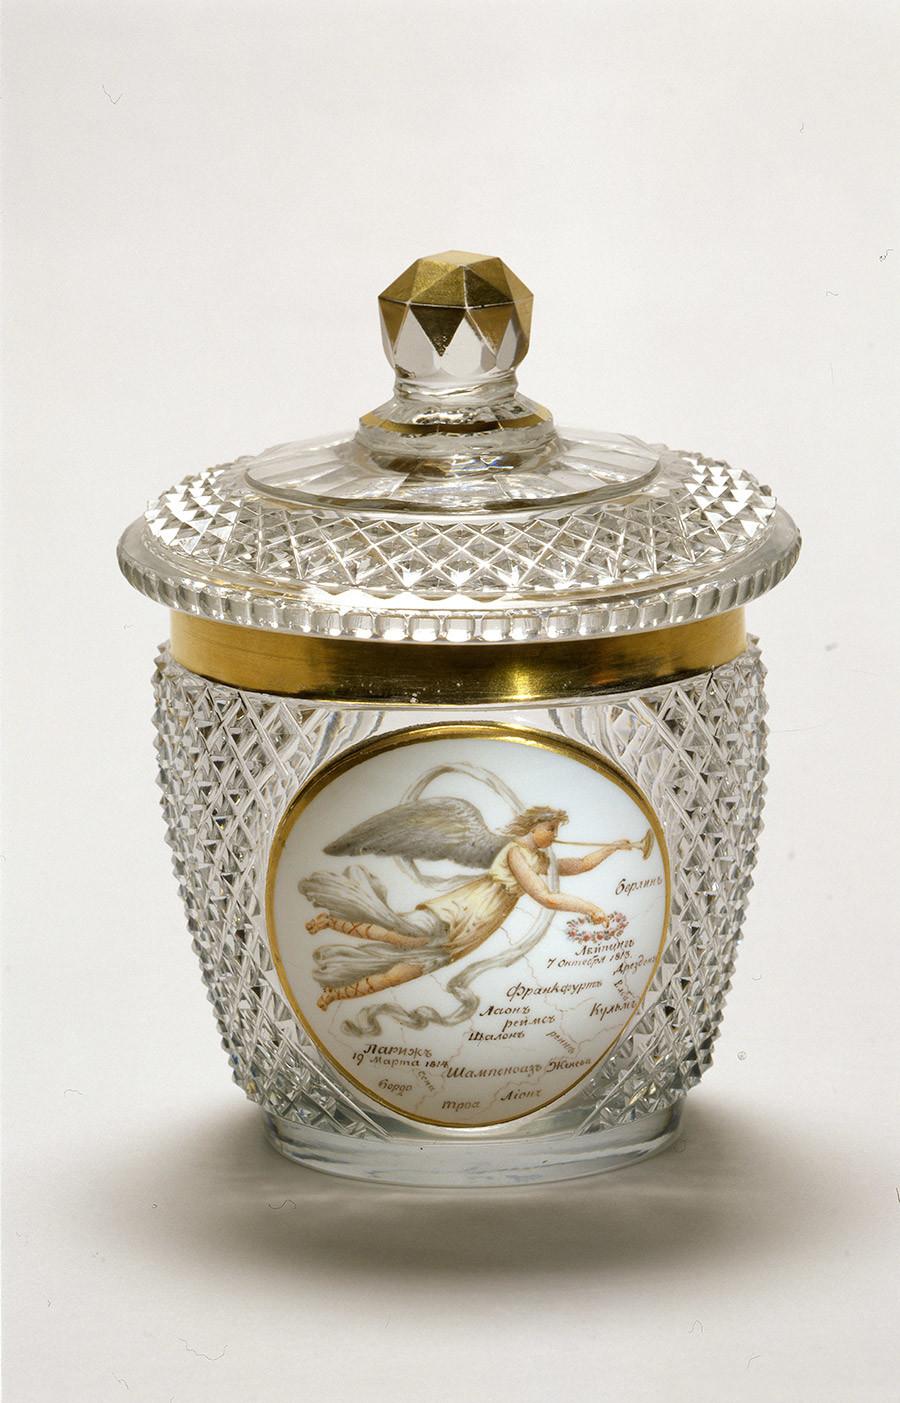 Tasse avec un couvercle avec une allégorie de la Gloire planant au-dessus de la carte de l'Europe. 1814-1819